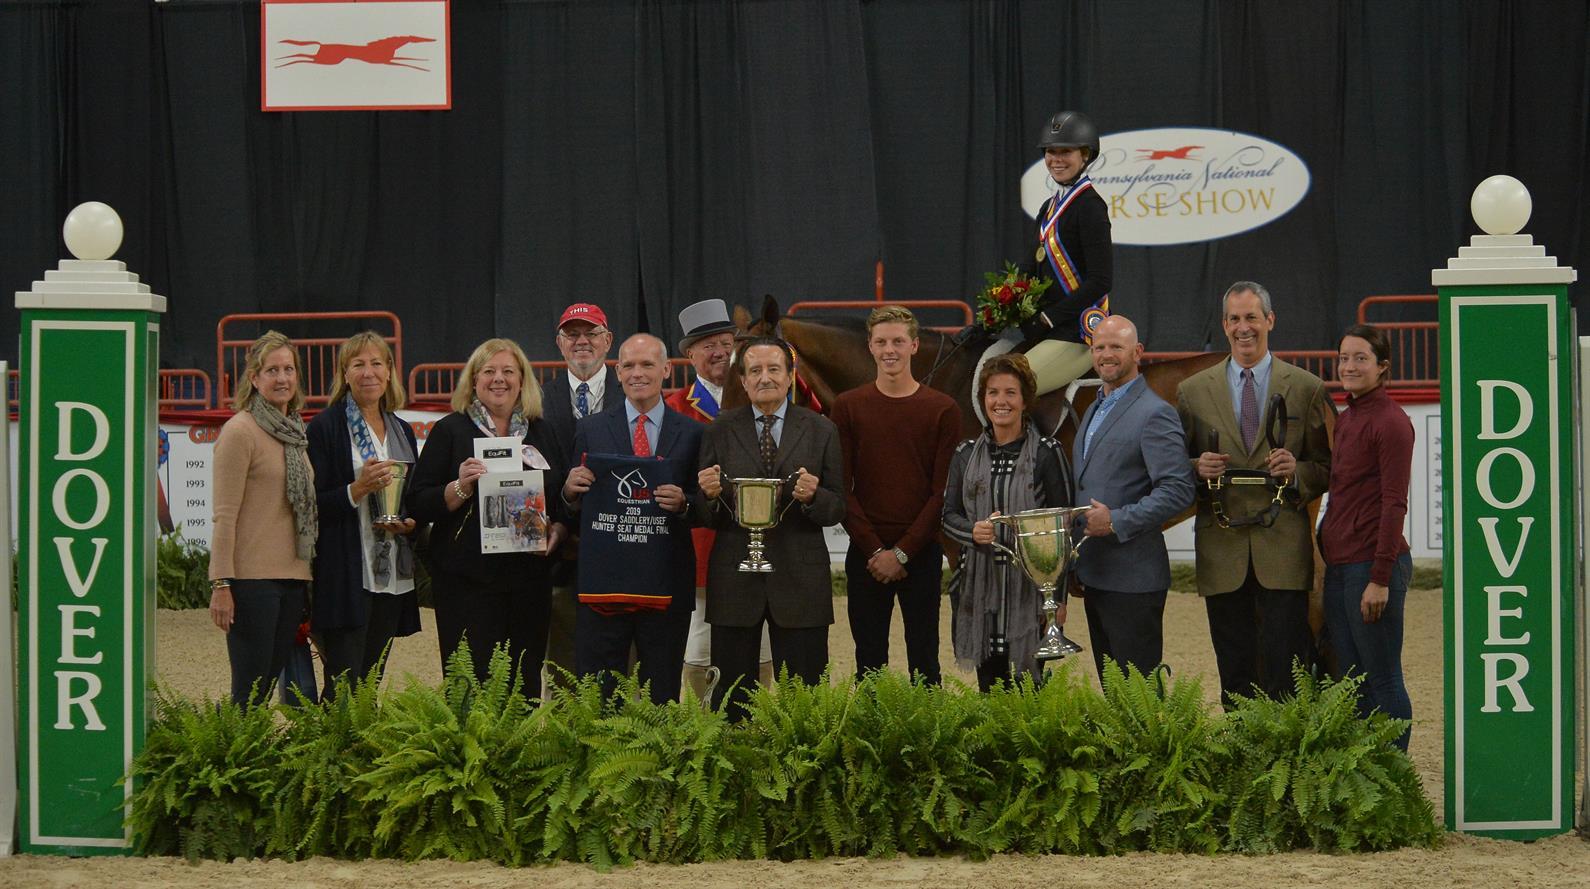 Emma Fletcher, 2019 Dover Saddlery/USEF Hunter Seat Medal Final champion, riding Bournedale